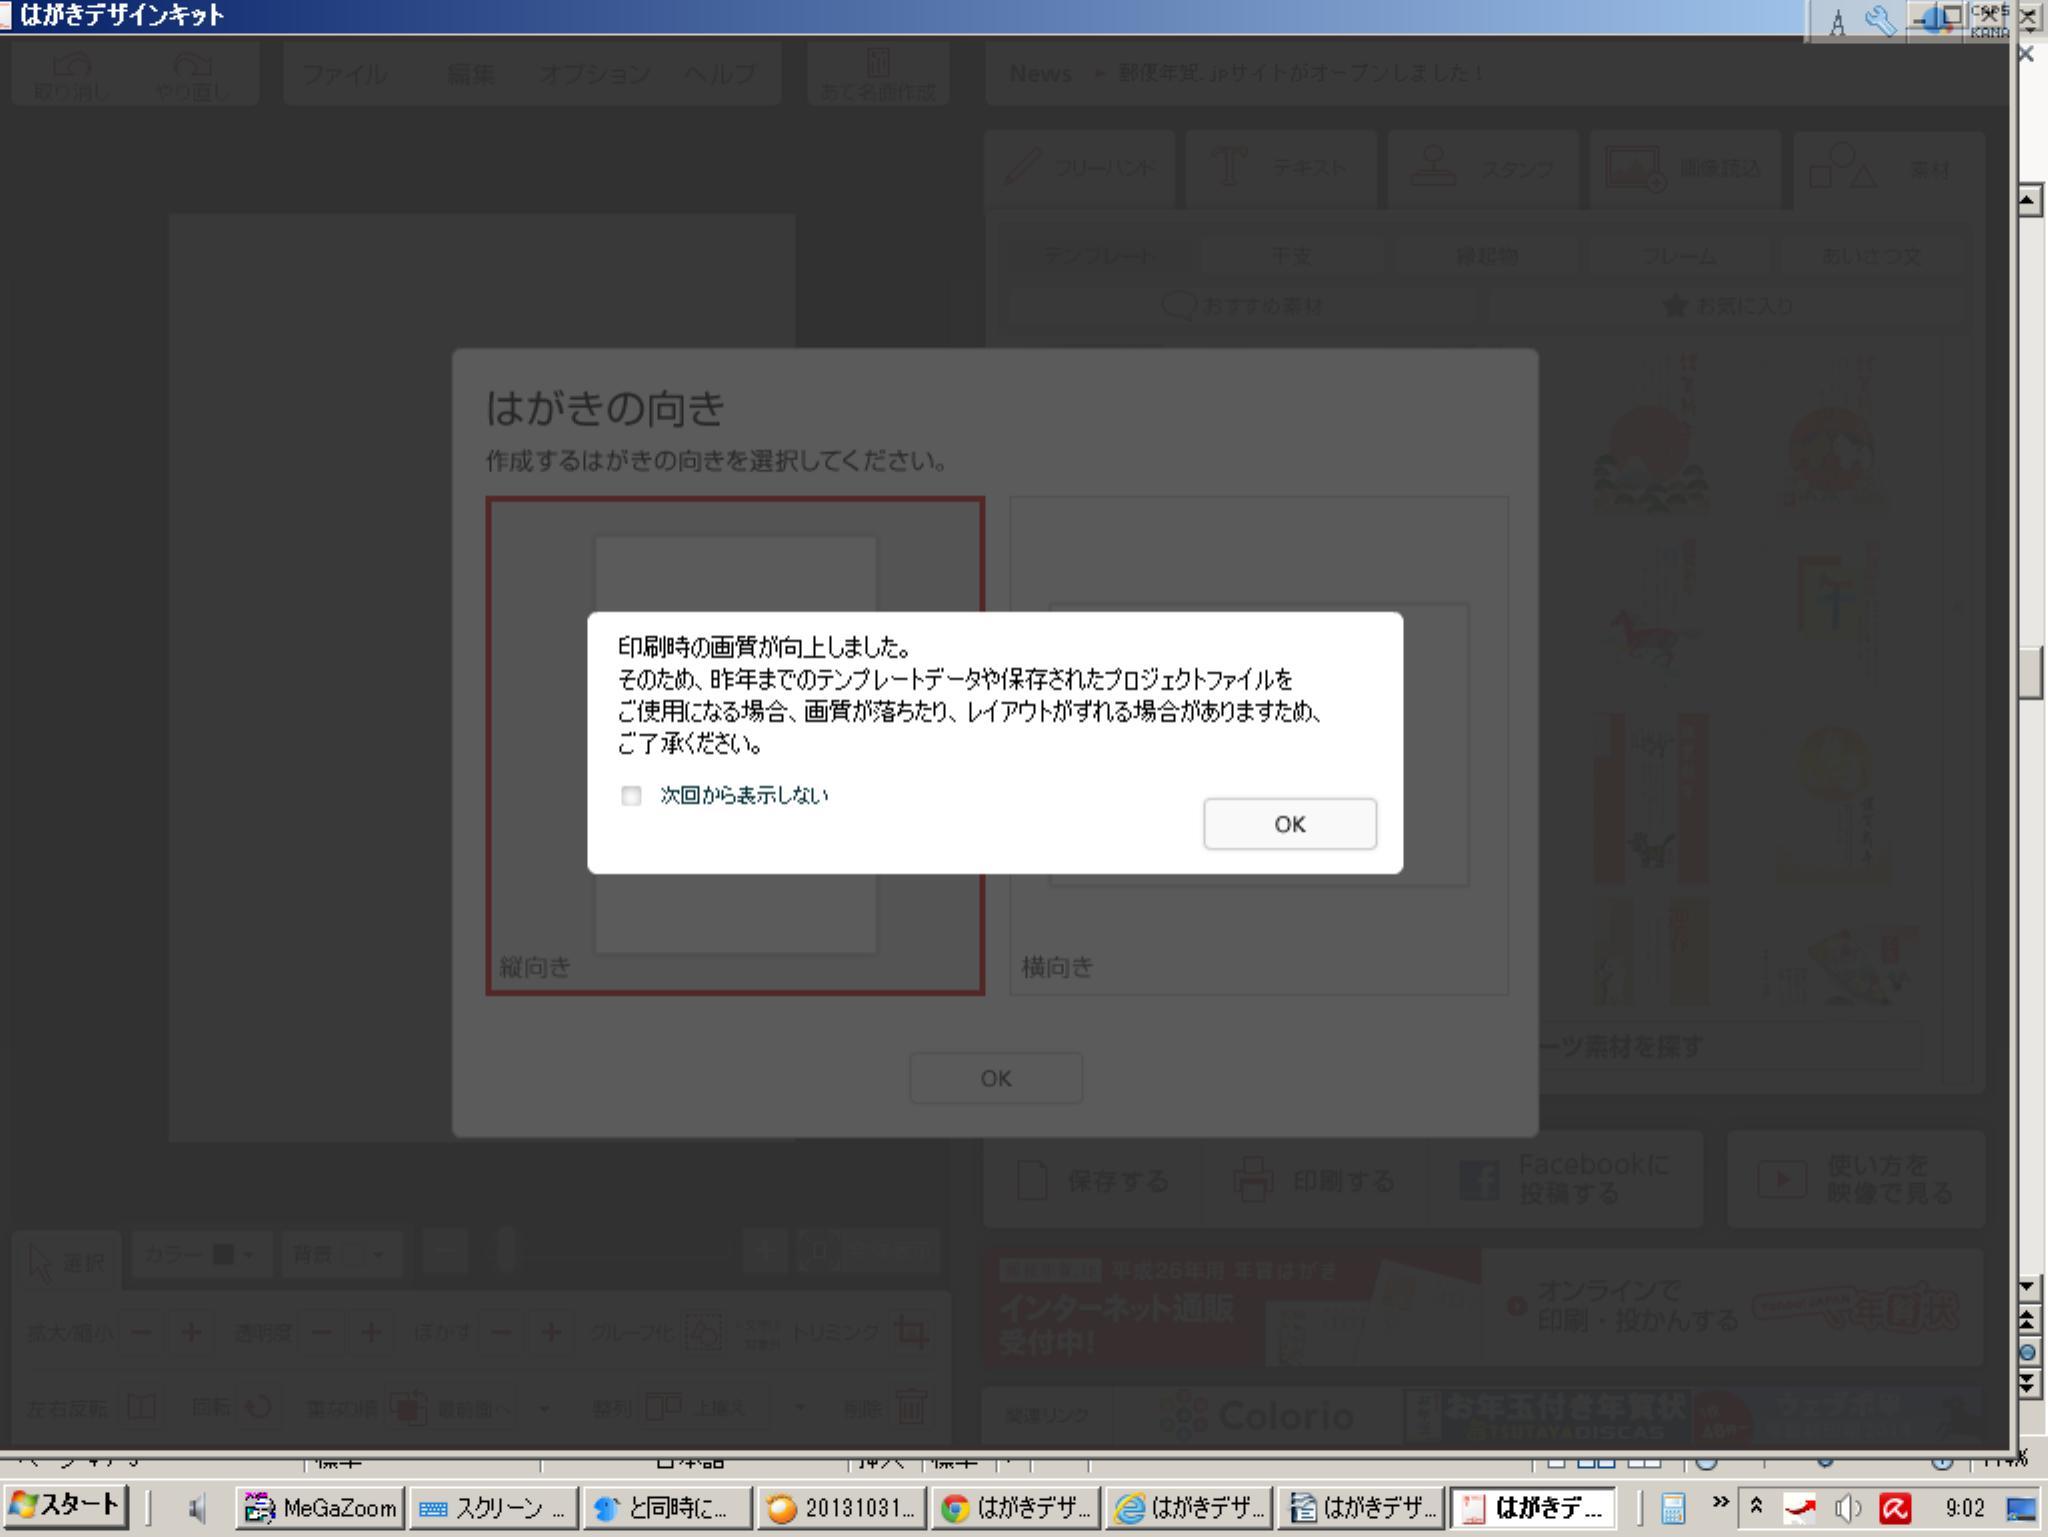 kidou-daiarogu.jpg